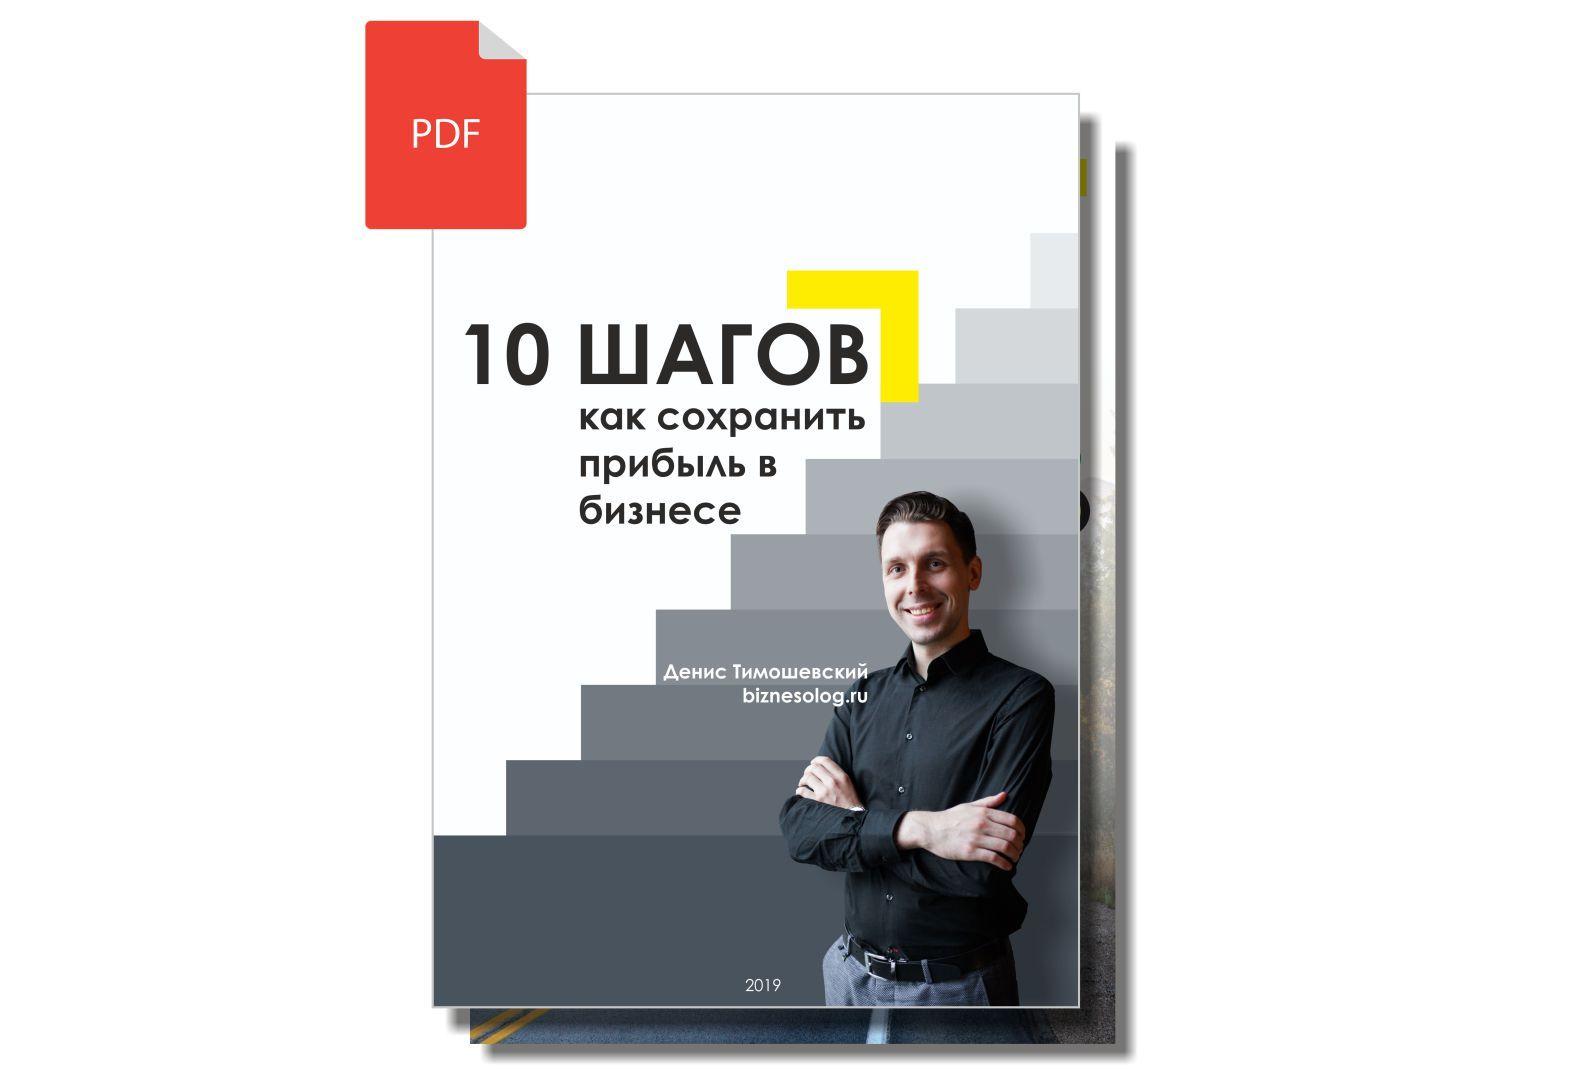 10 шагов как сохранить прибыль в бизнесе, пошаговый план действий, управление бизнесом, бизнес план